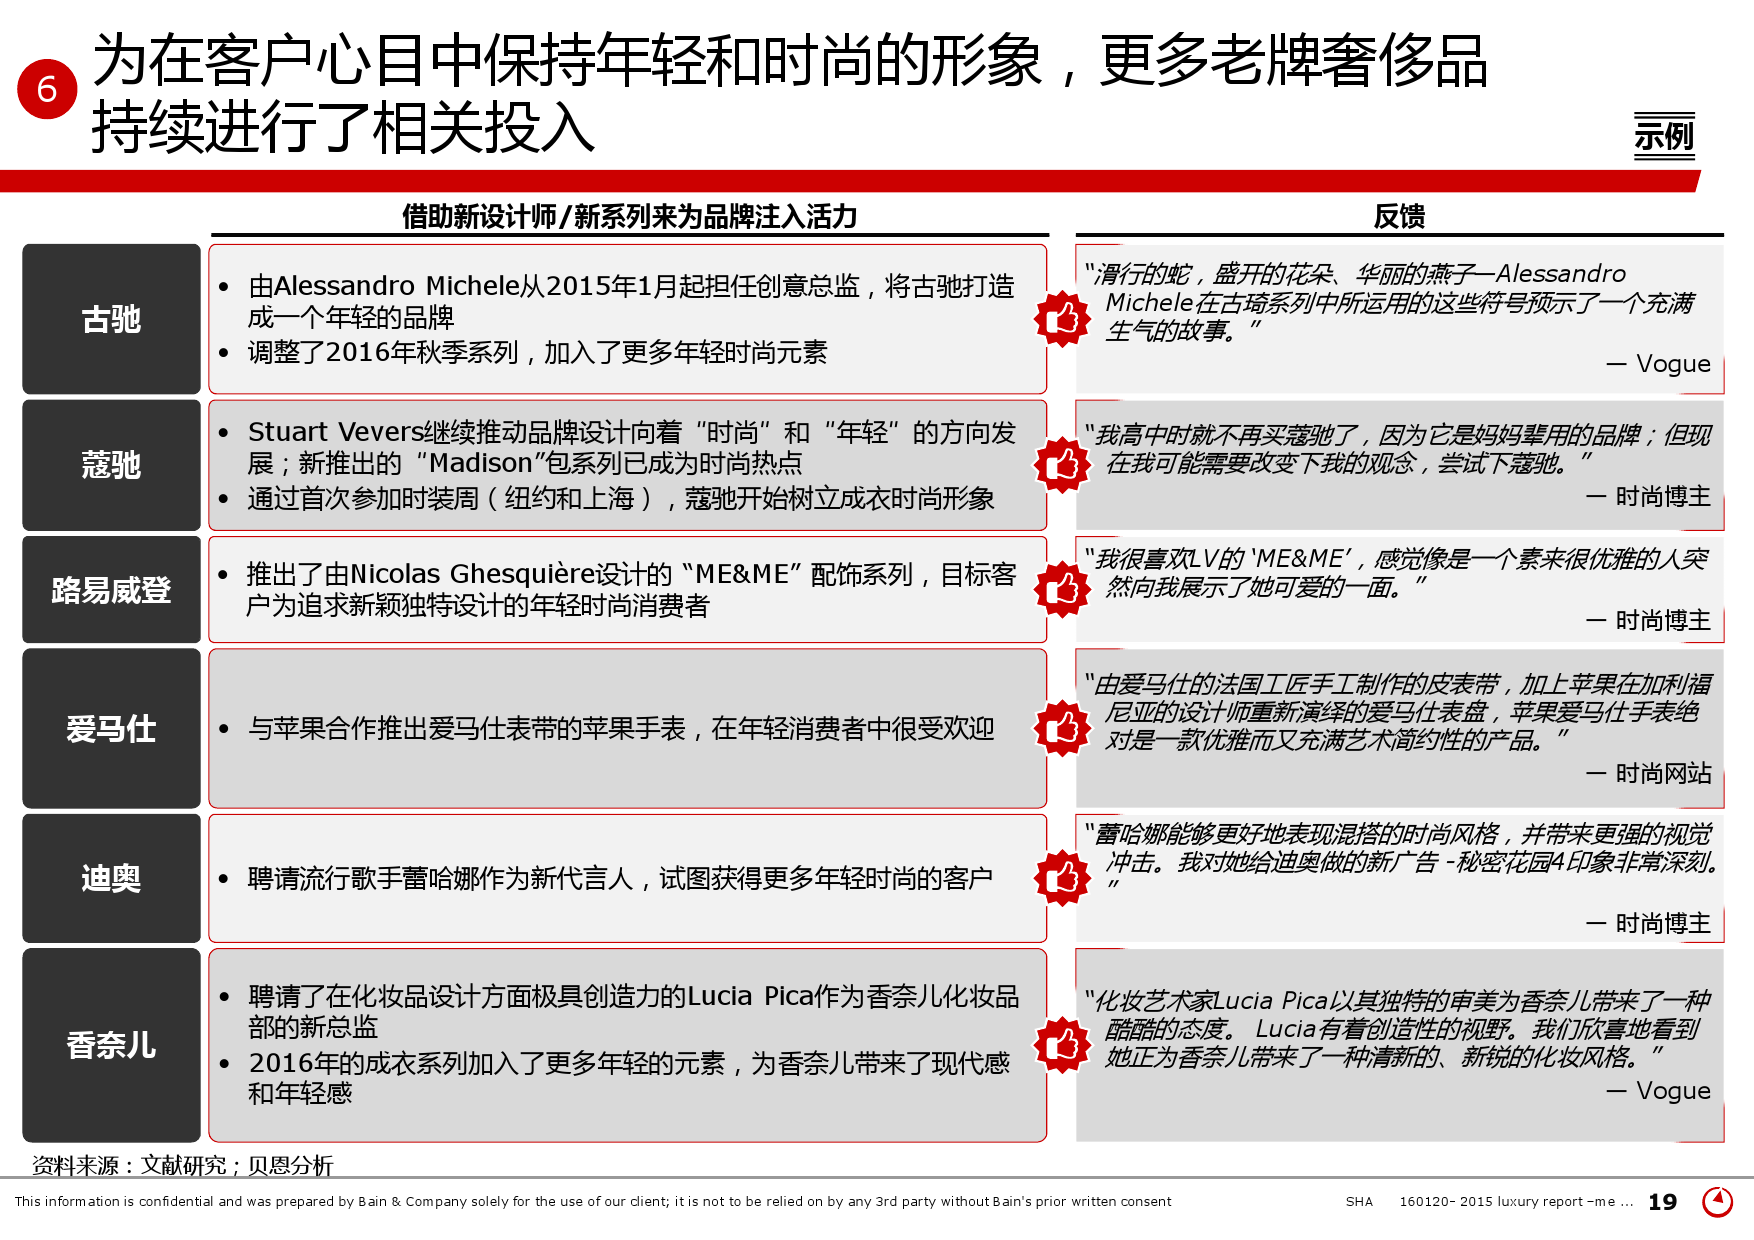 2015年中国奢侈品市场研究报告_000019